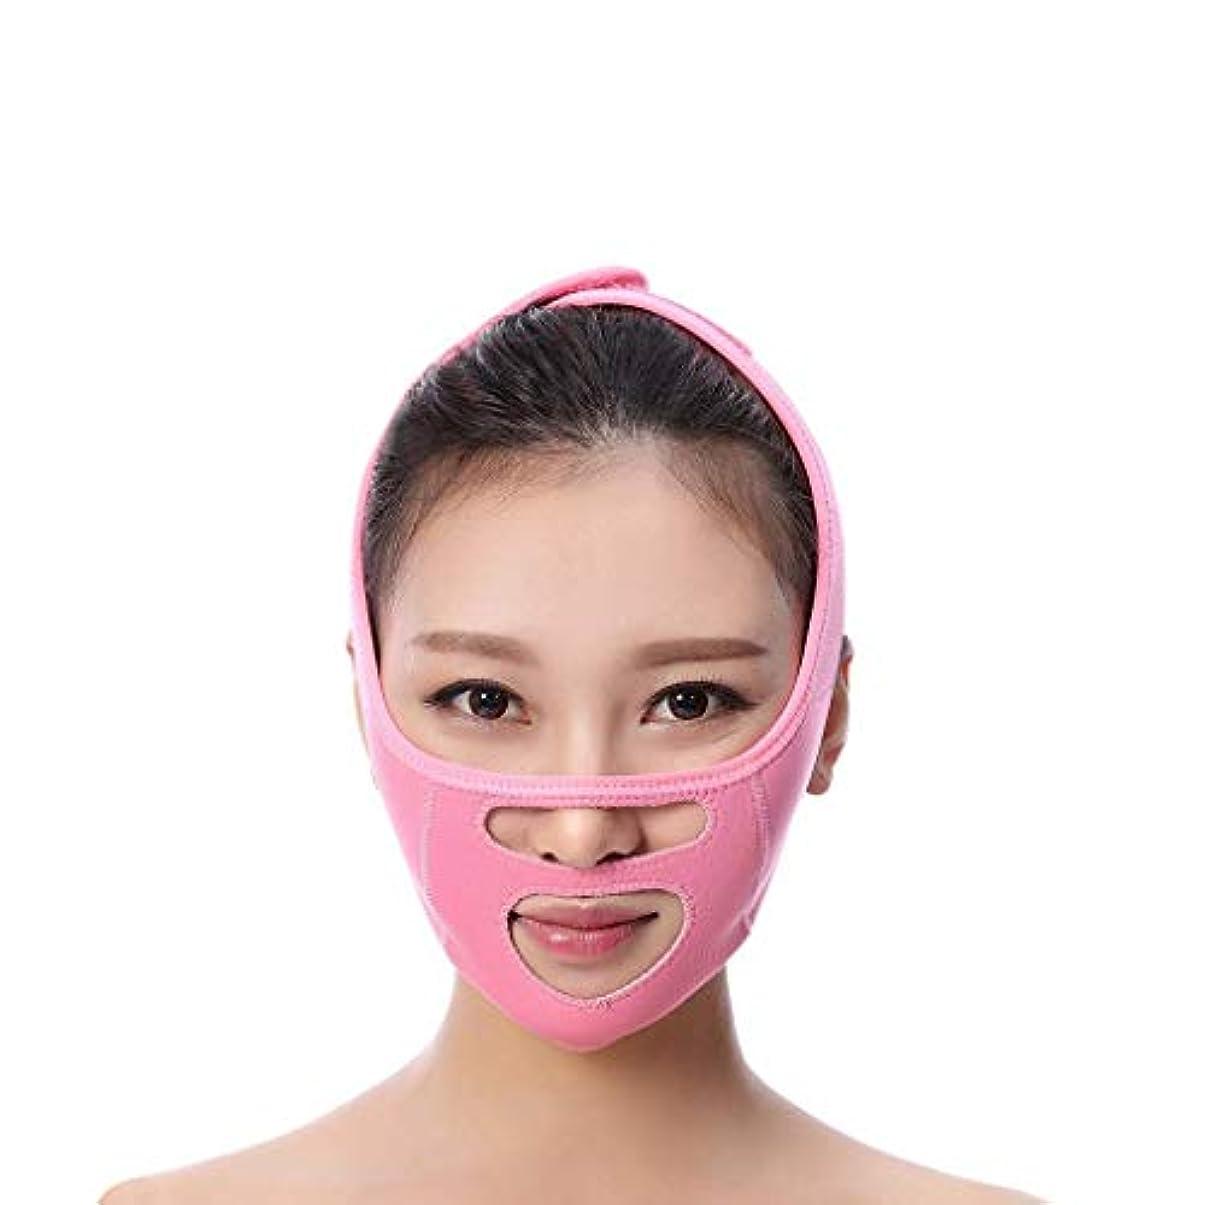 シェルター秀でる感覚フェイスリフトテープ&バンド、フェイススリミングマスク、ダブルチン、ダブルチンリデューサー、シワ防止マスク、リフティングシェイプ(フリーサイズ)(カラー:ピンク),ピンク